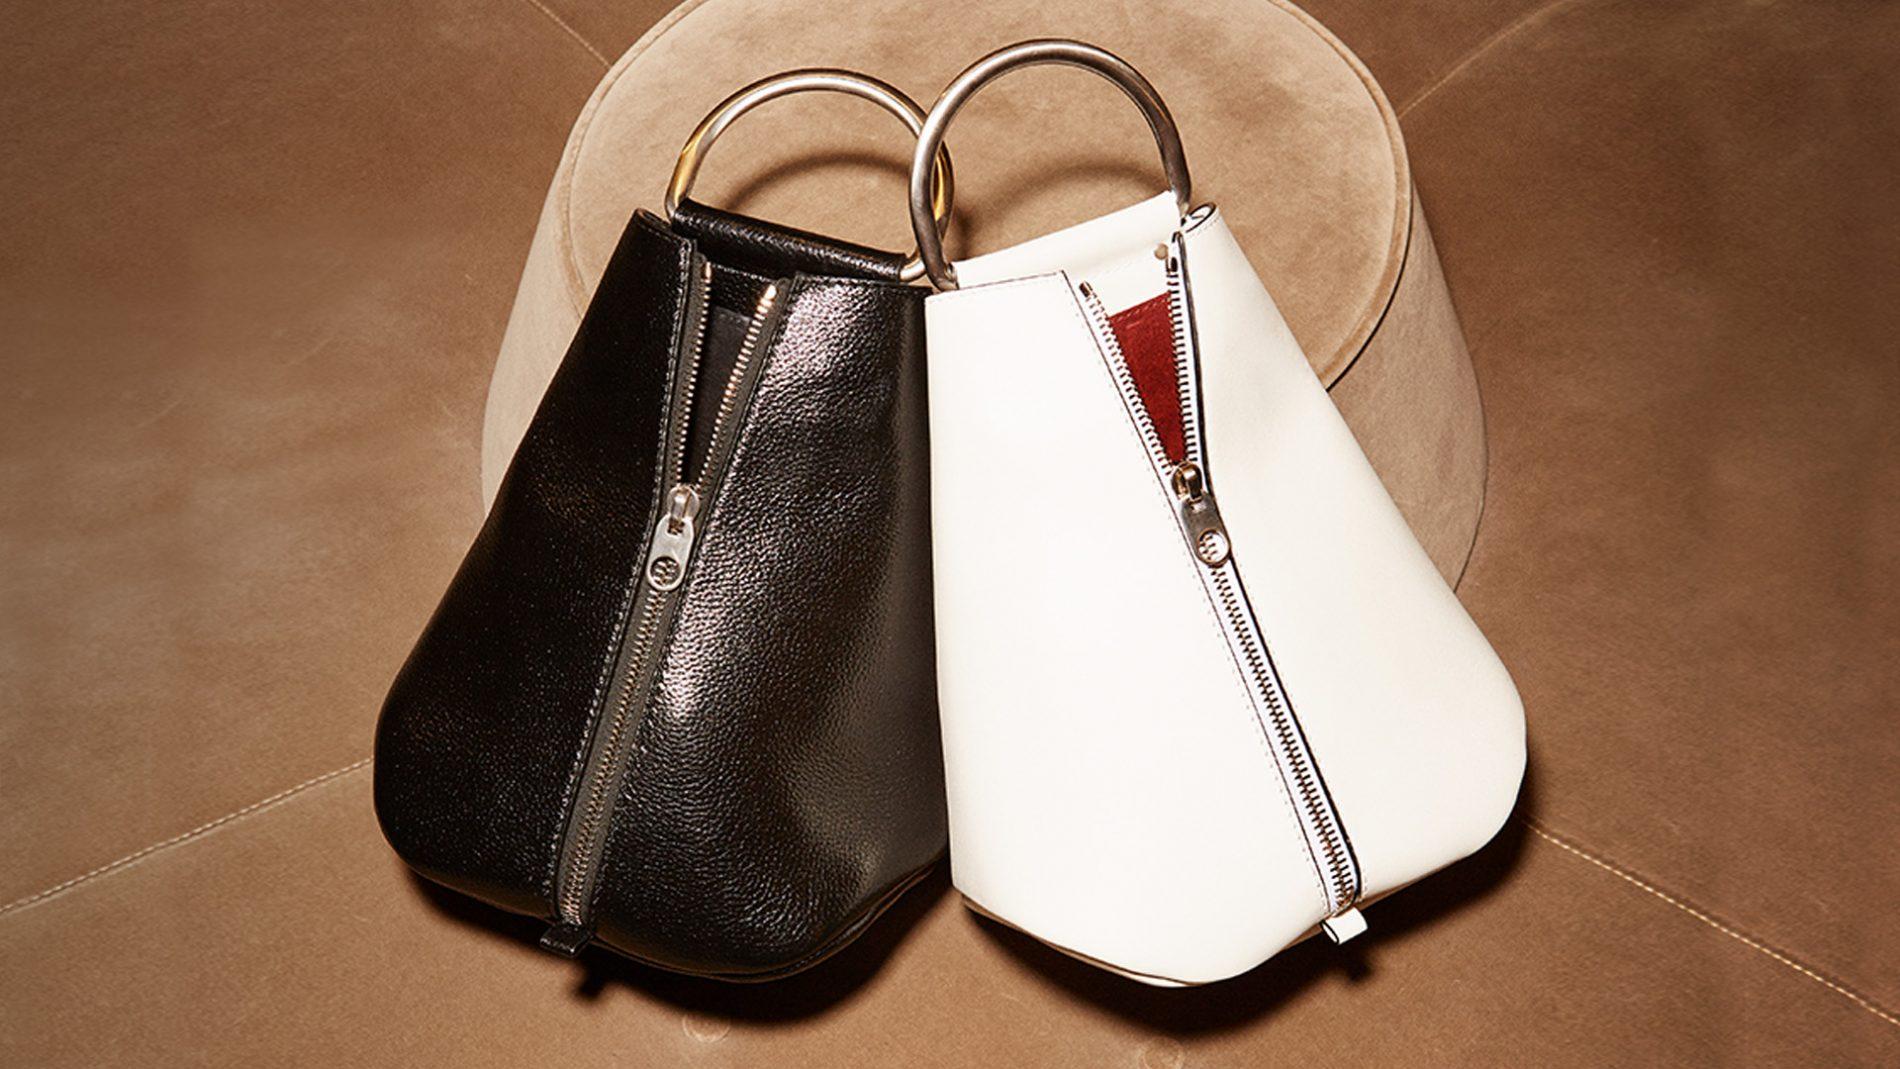 英格列斯设计师品牌包袋,Proenza Schouler